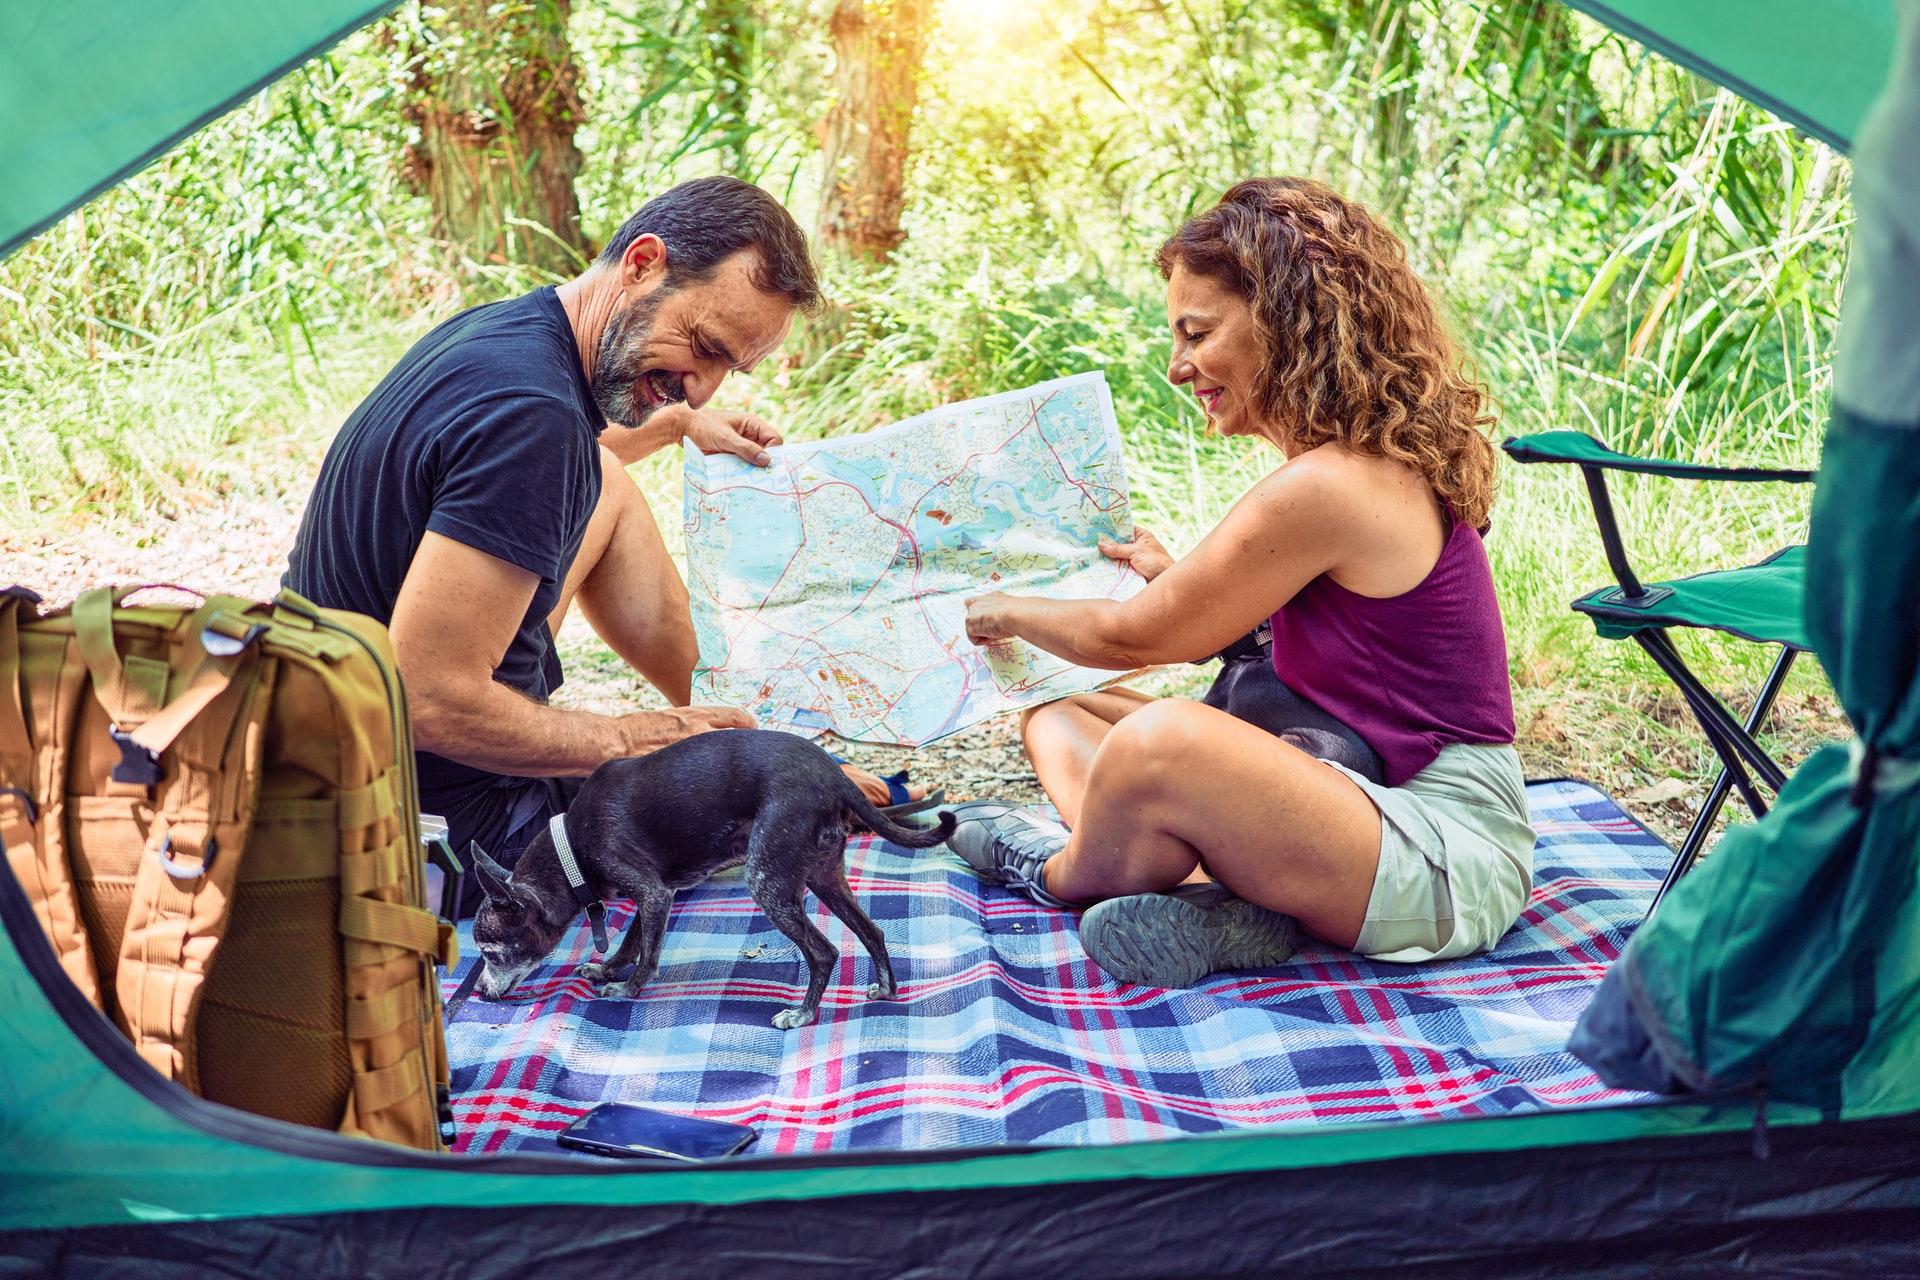 krakenimages 5HsCIUSeq7Q unsplash - Tag familien med på campingferie